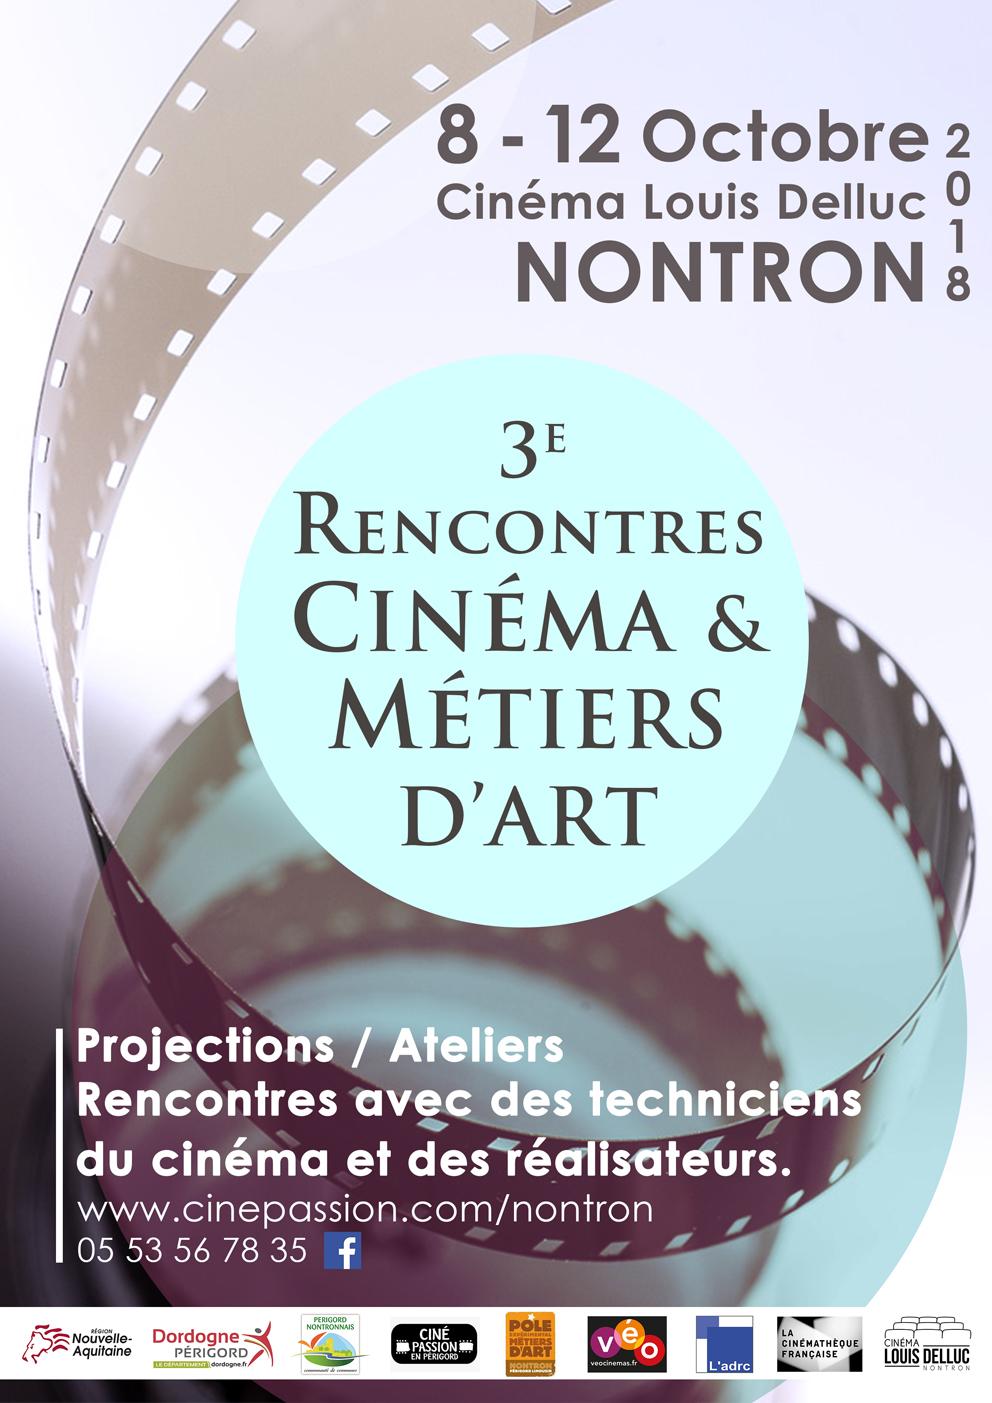 Affiche des Rencontres Cinéma et Métiers d'Art, au cinéma Louis Delluc, à Nontron, 8-12 octobre 2018